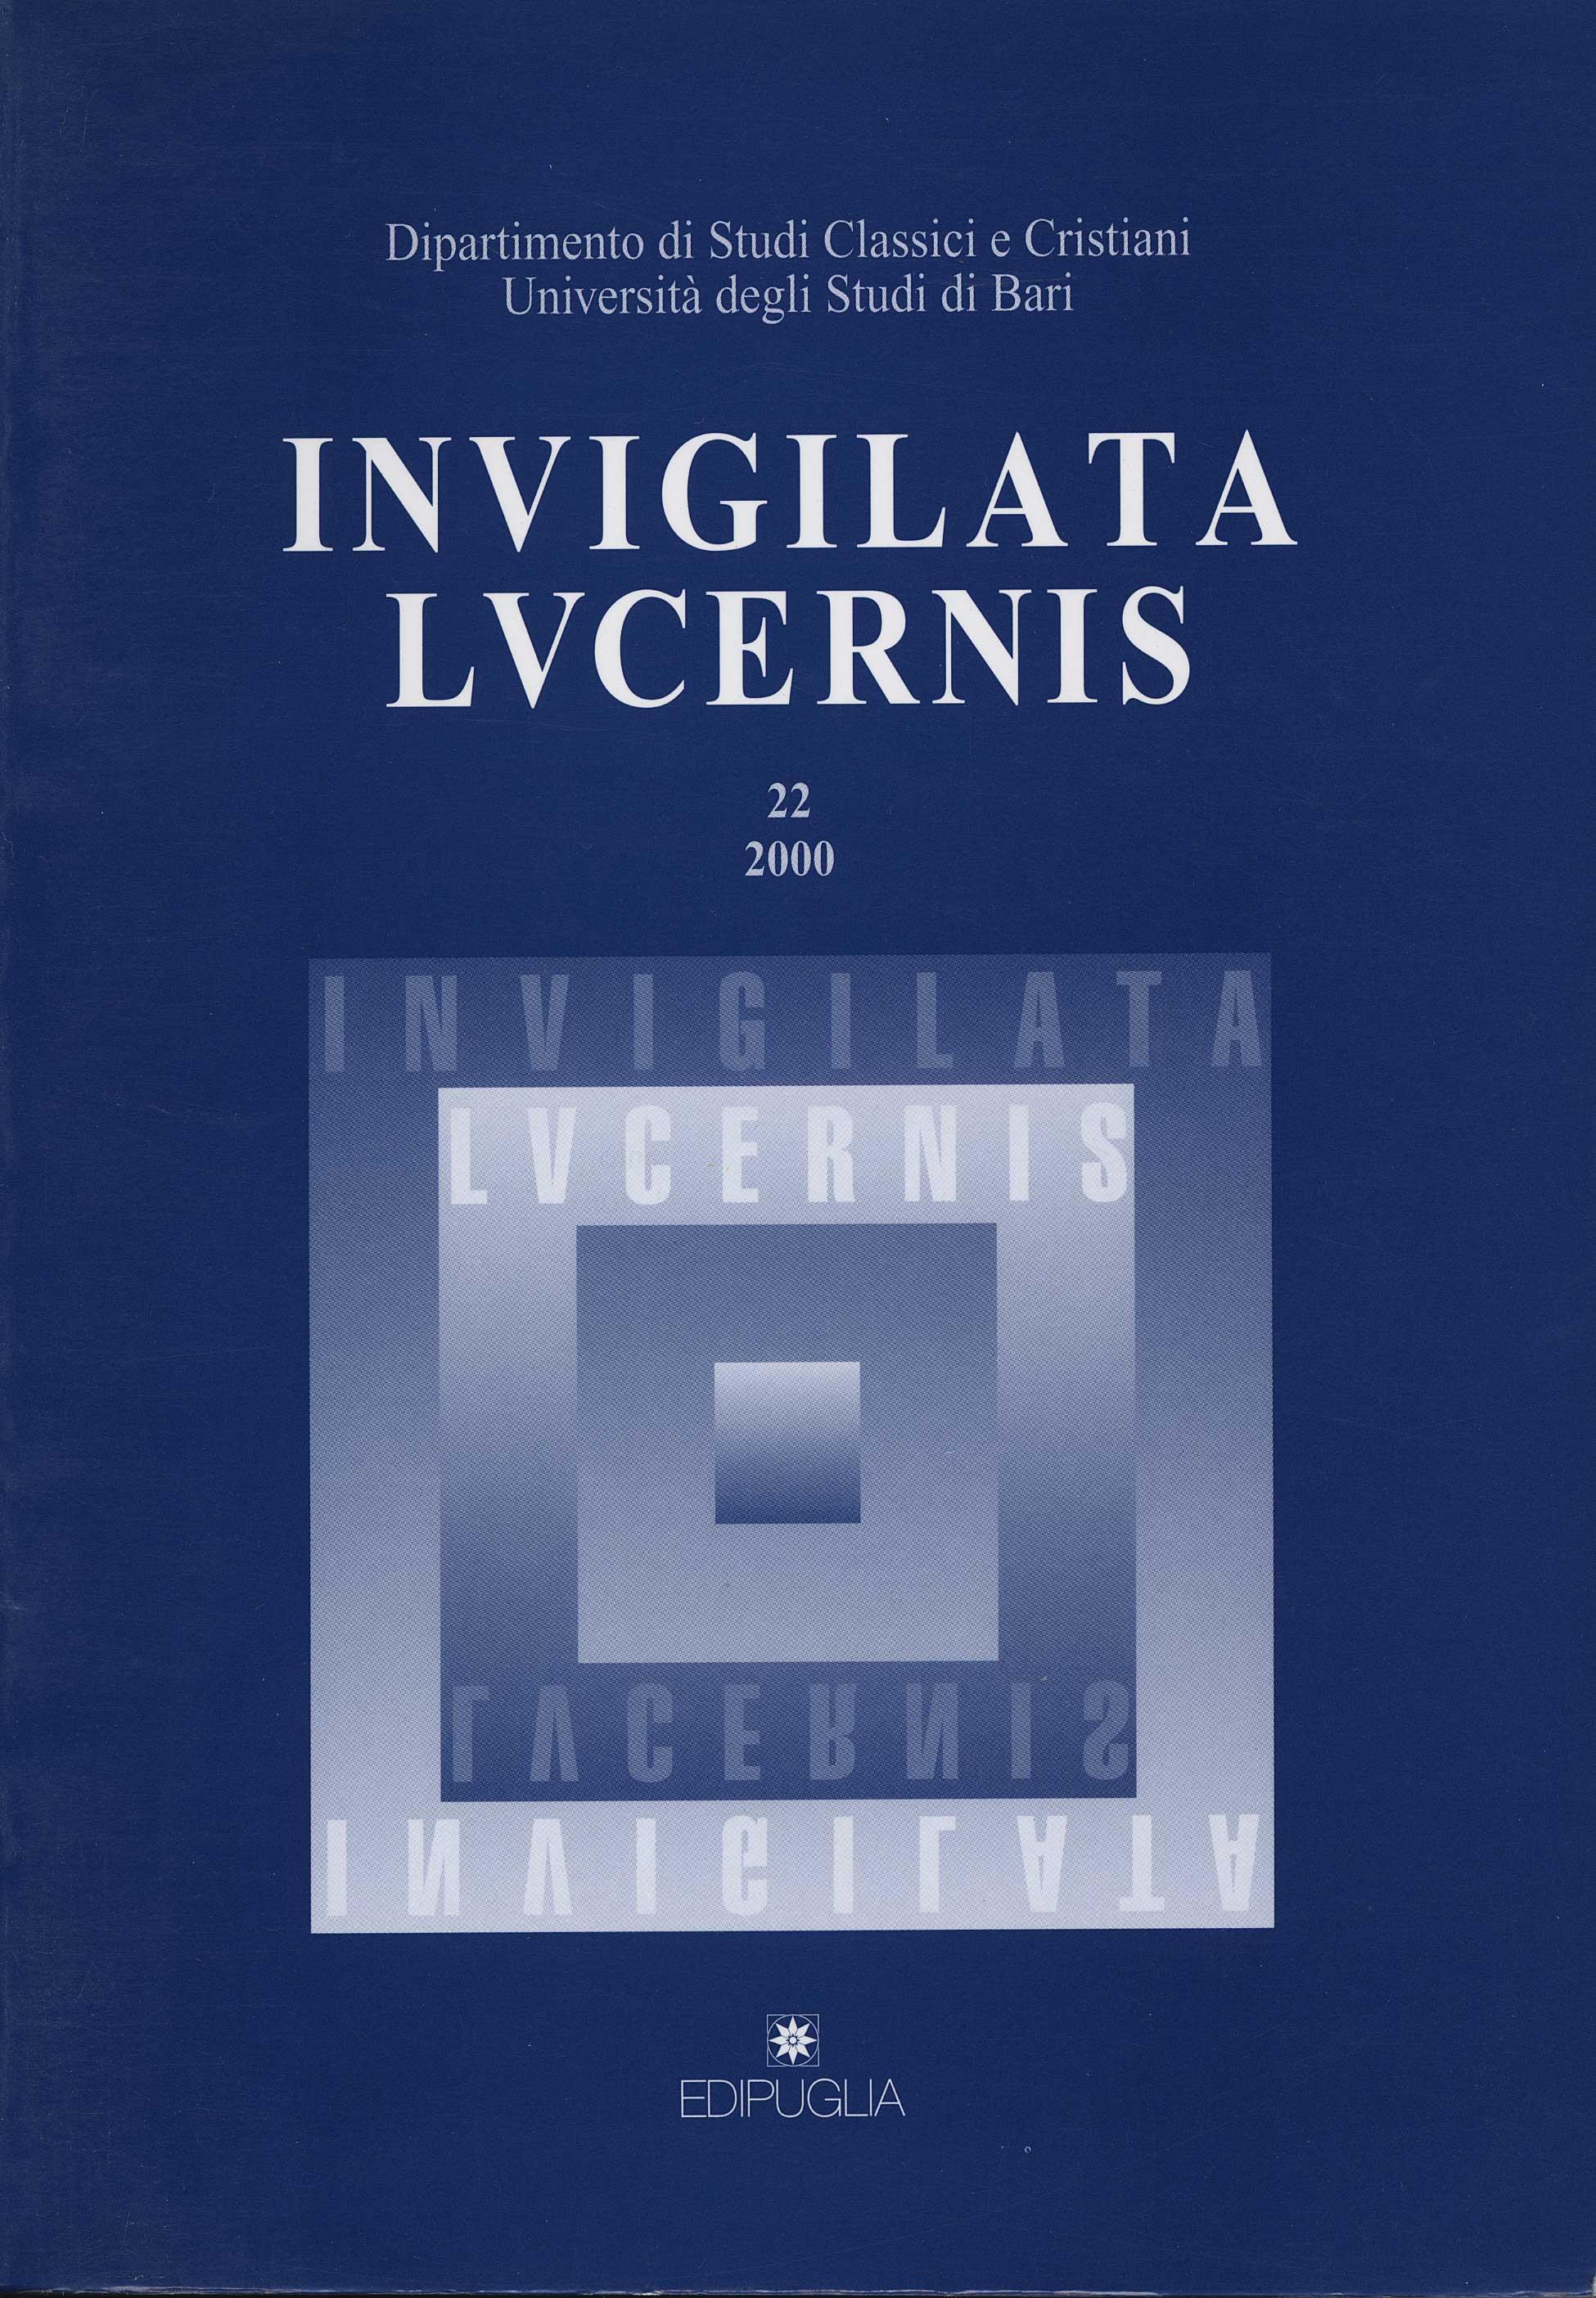 Invigilata lucernis. Vol. 22.